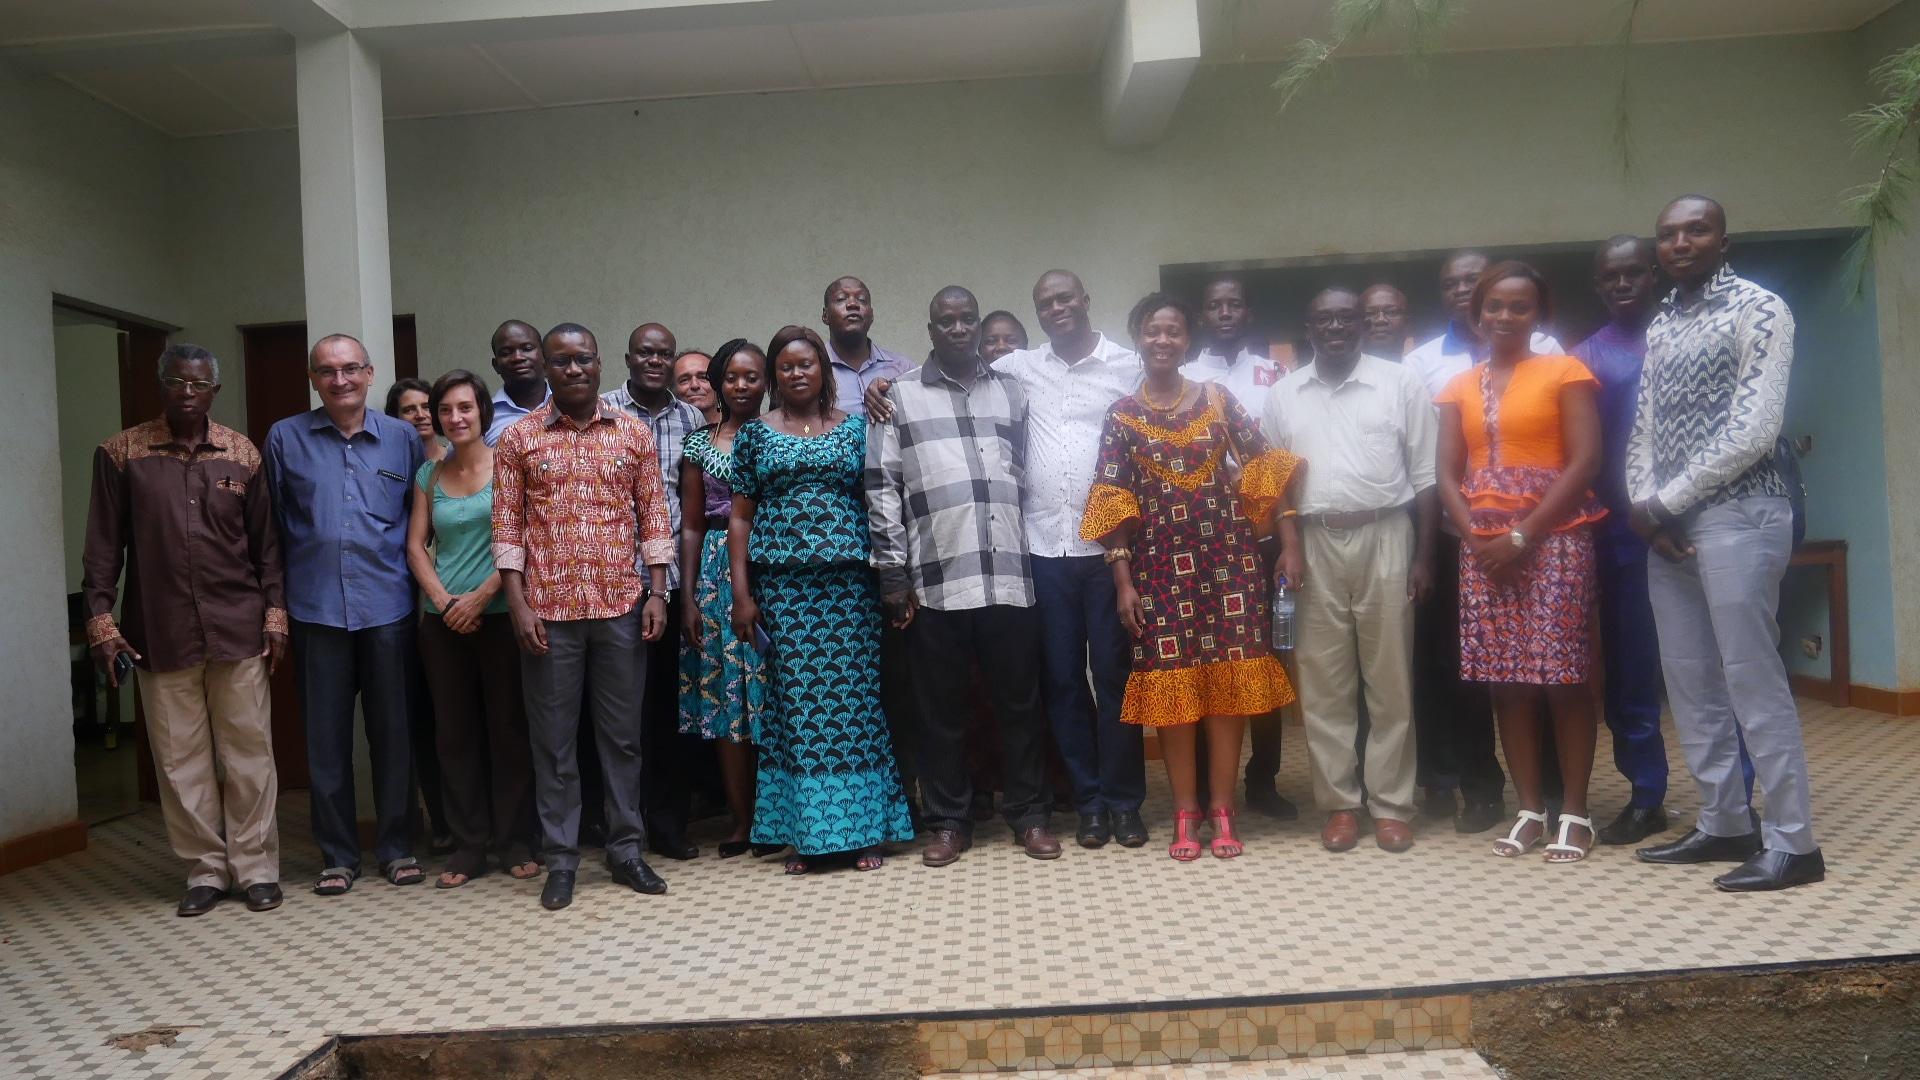 Agroécologie: une journée d'échanges sur la question du changement d'échelle